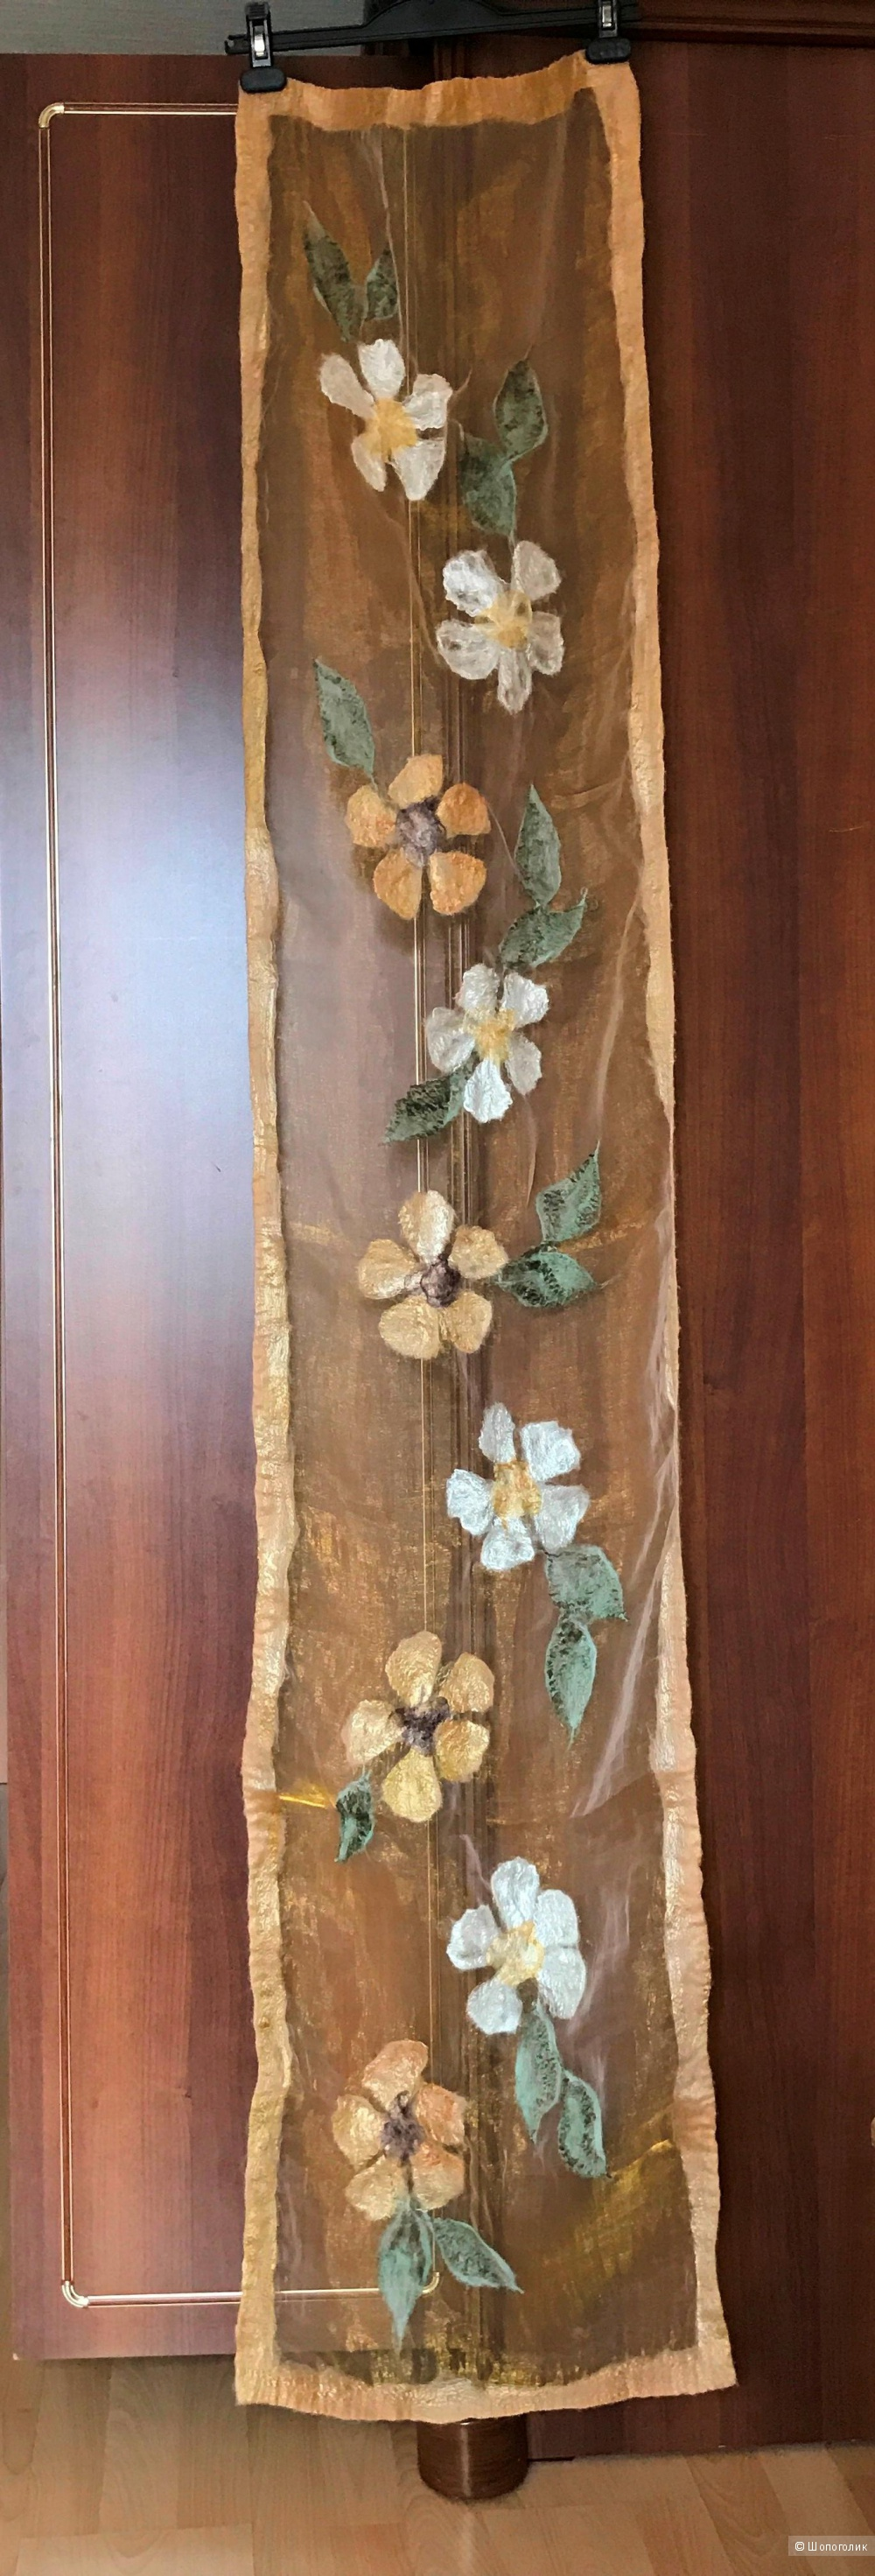 Шарф-палантин из органзы с набивными цветами из вяленой шерсти